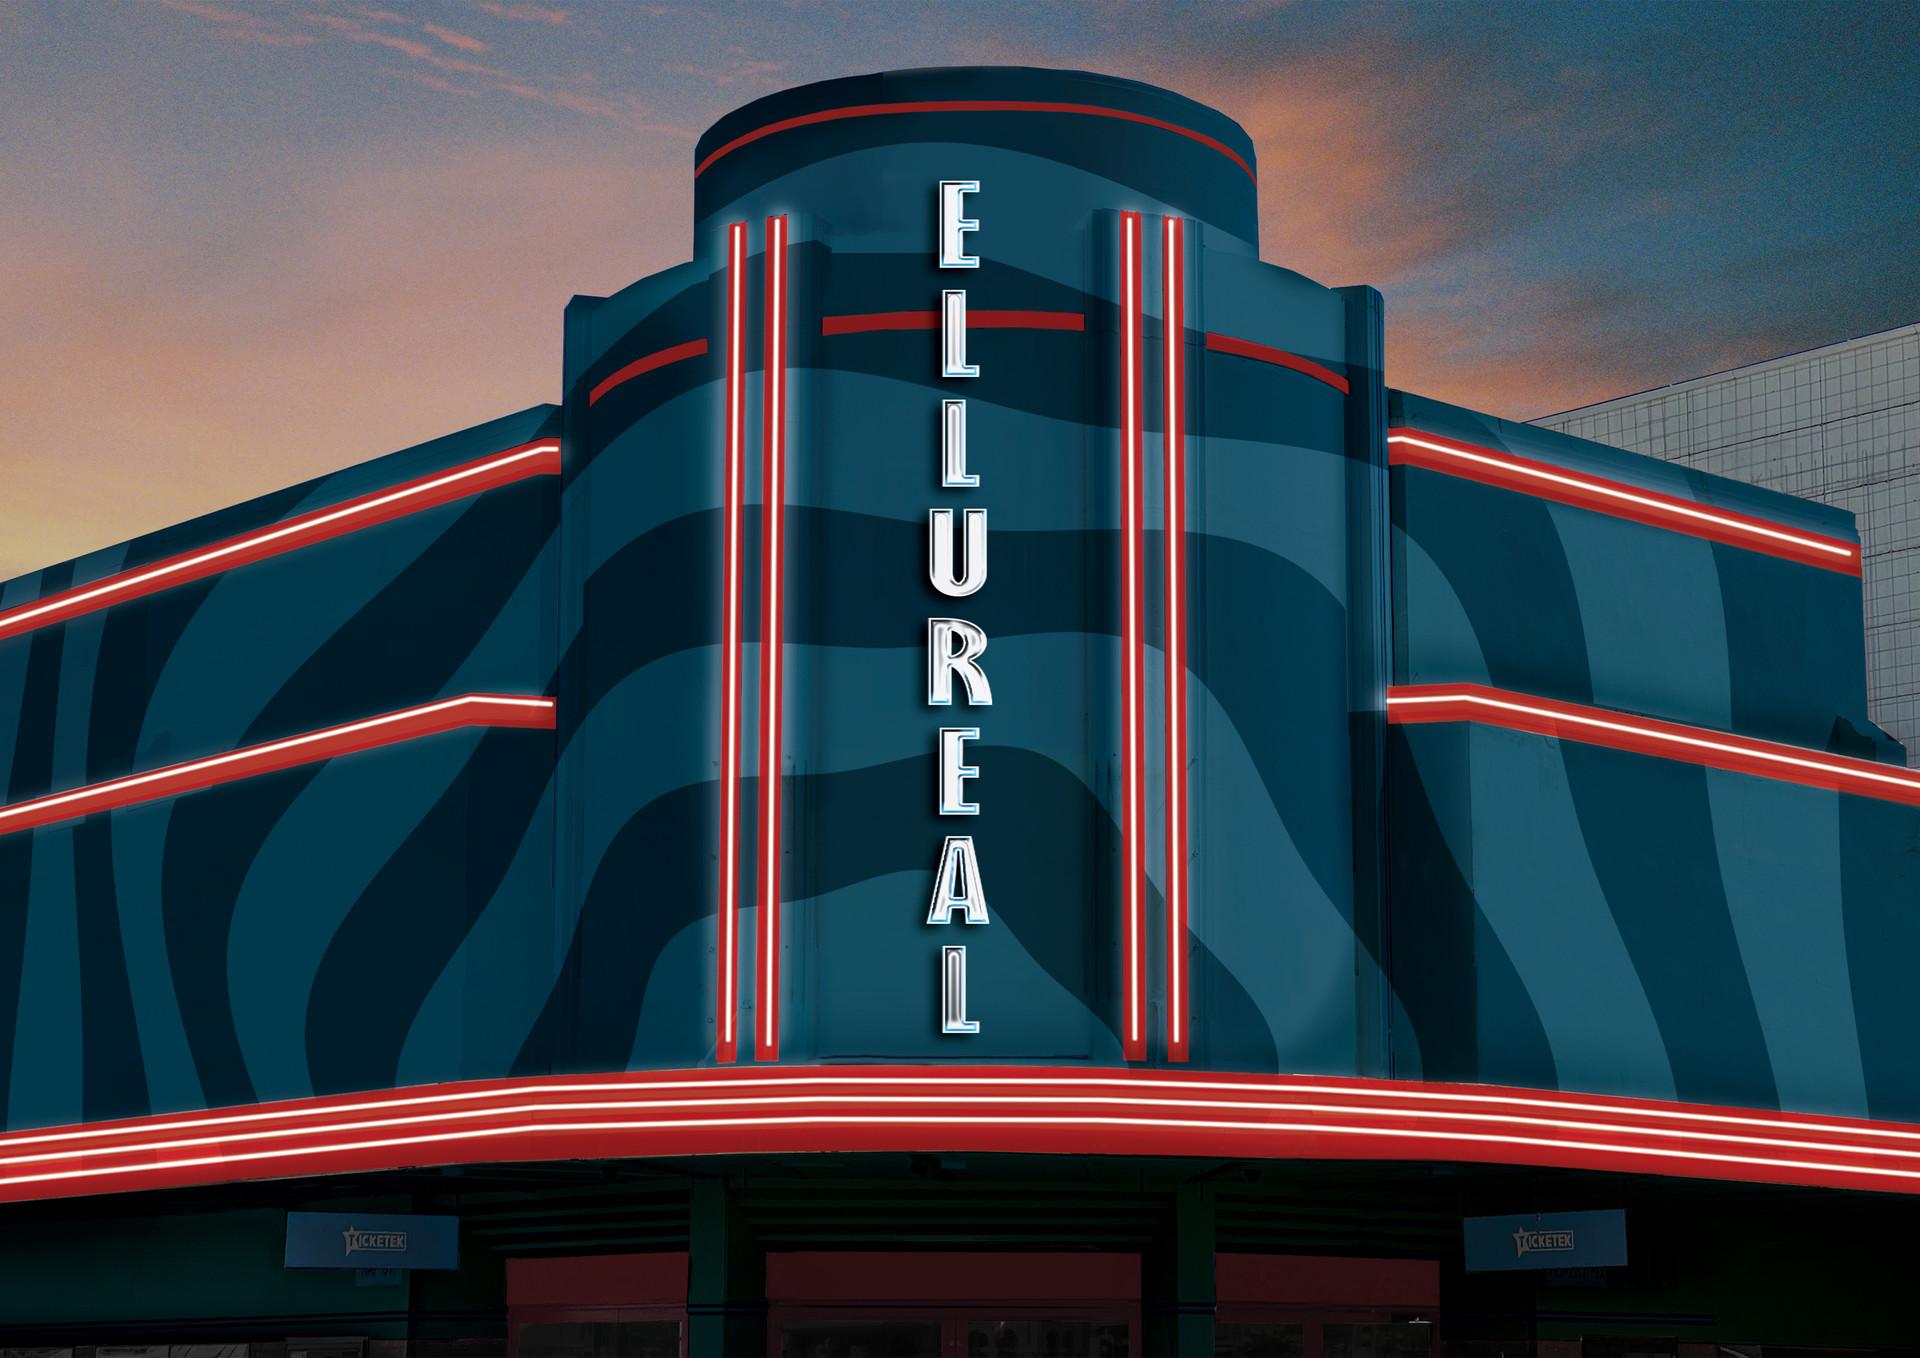 Ellureal Cinemas Exterior